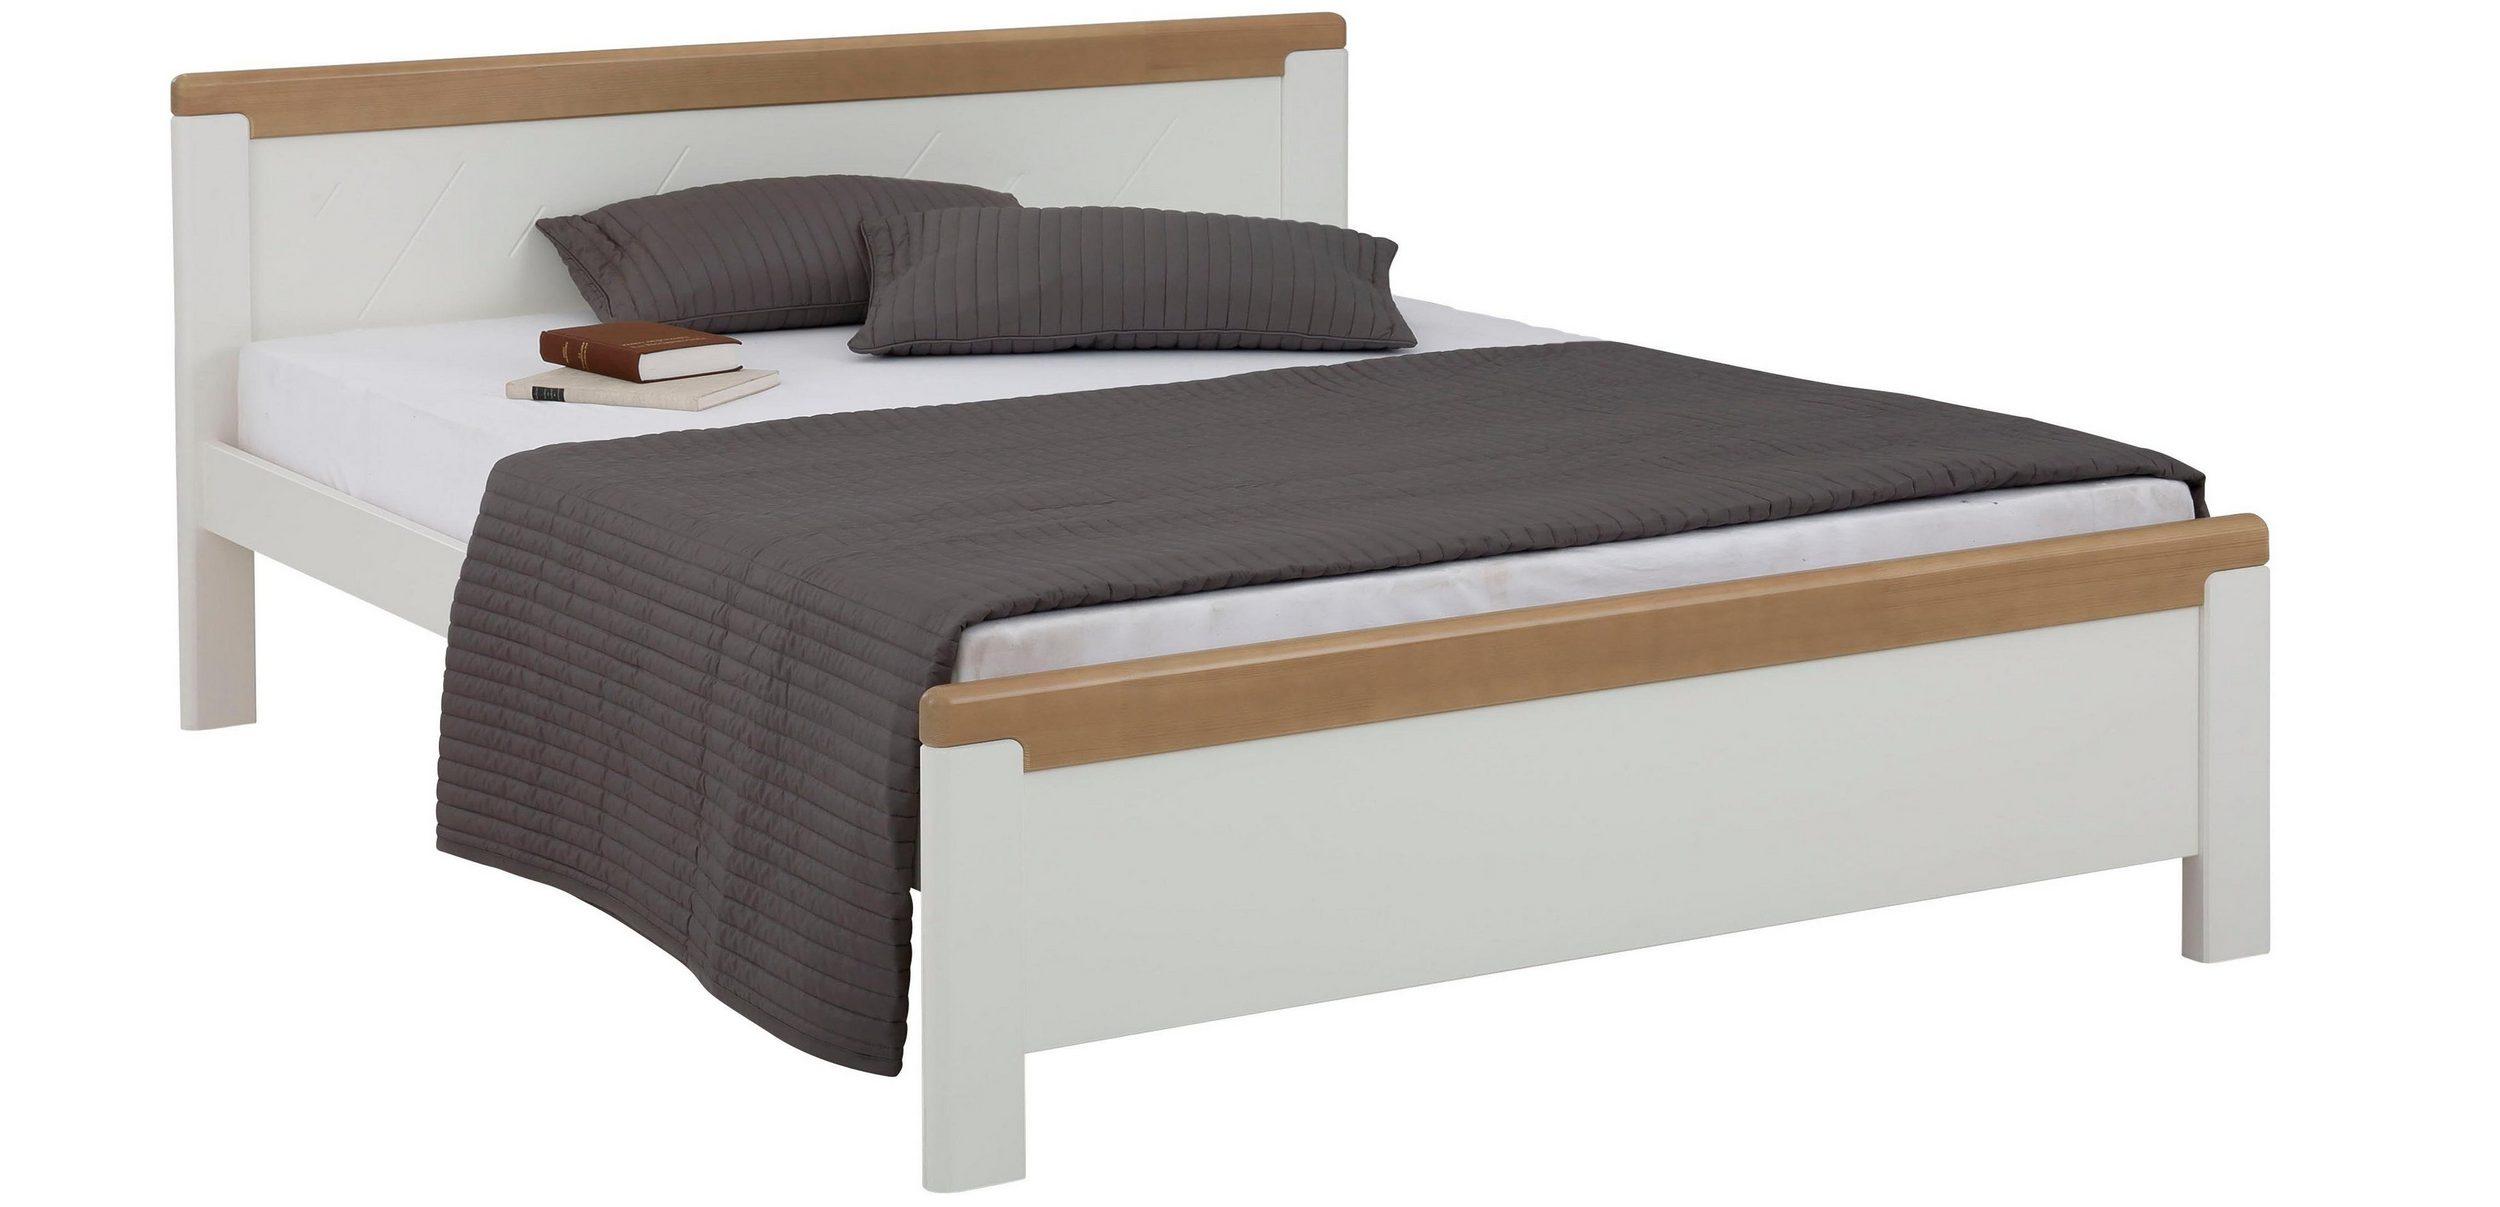 Wygodne Drewniane łóżko W Stylu Rustykalnym 180x200 Cm